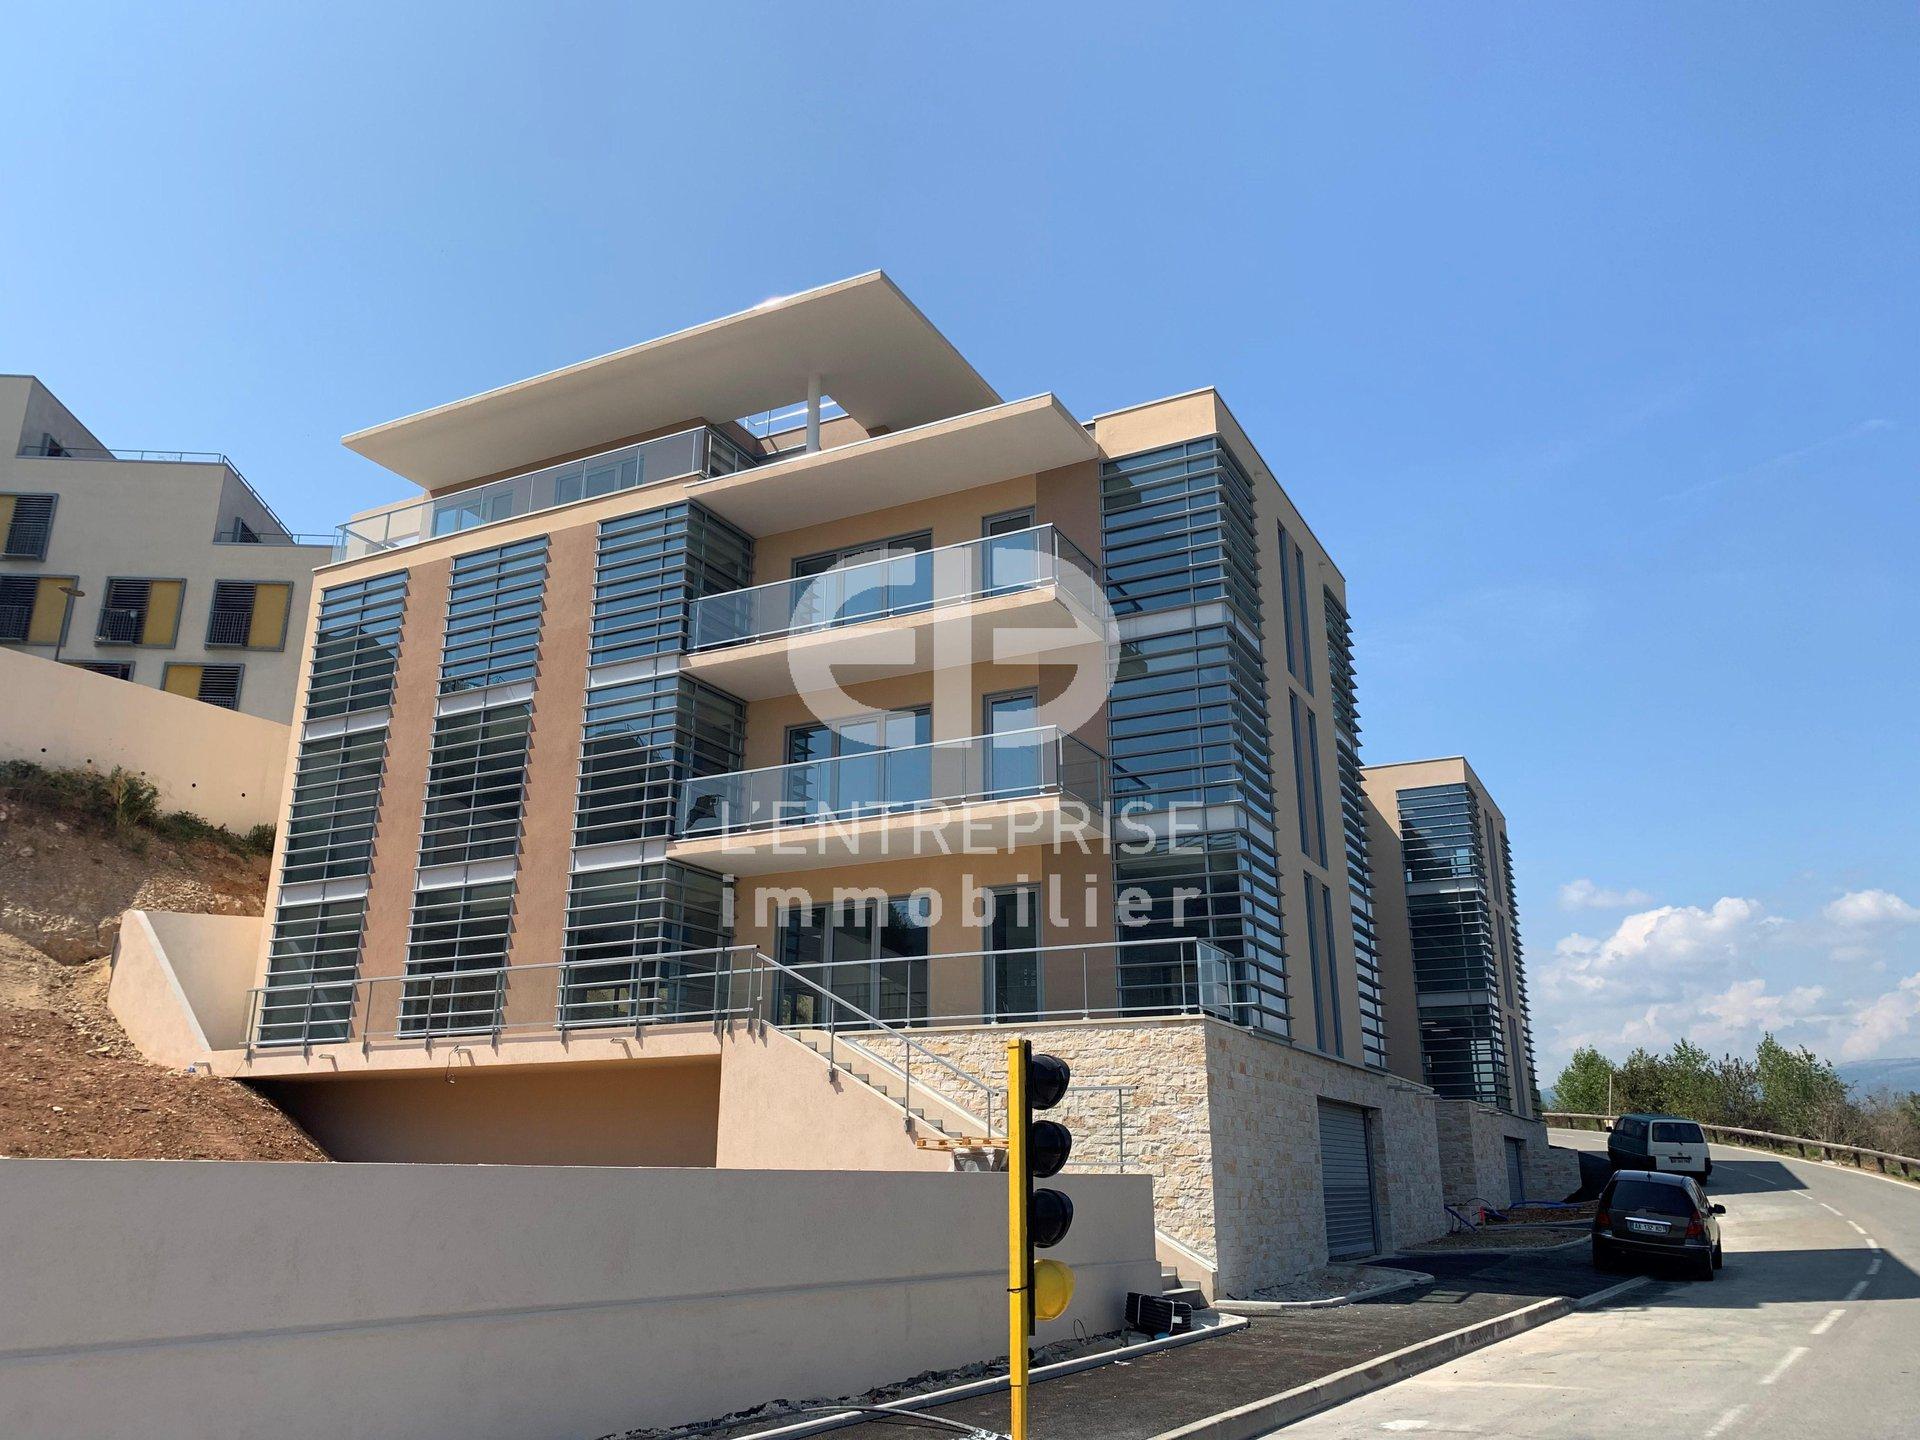 A LOUER, BUREAUX secteur BIOT-SOPHIA ANTIPOLIS 226 m²